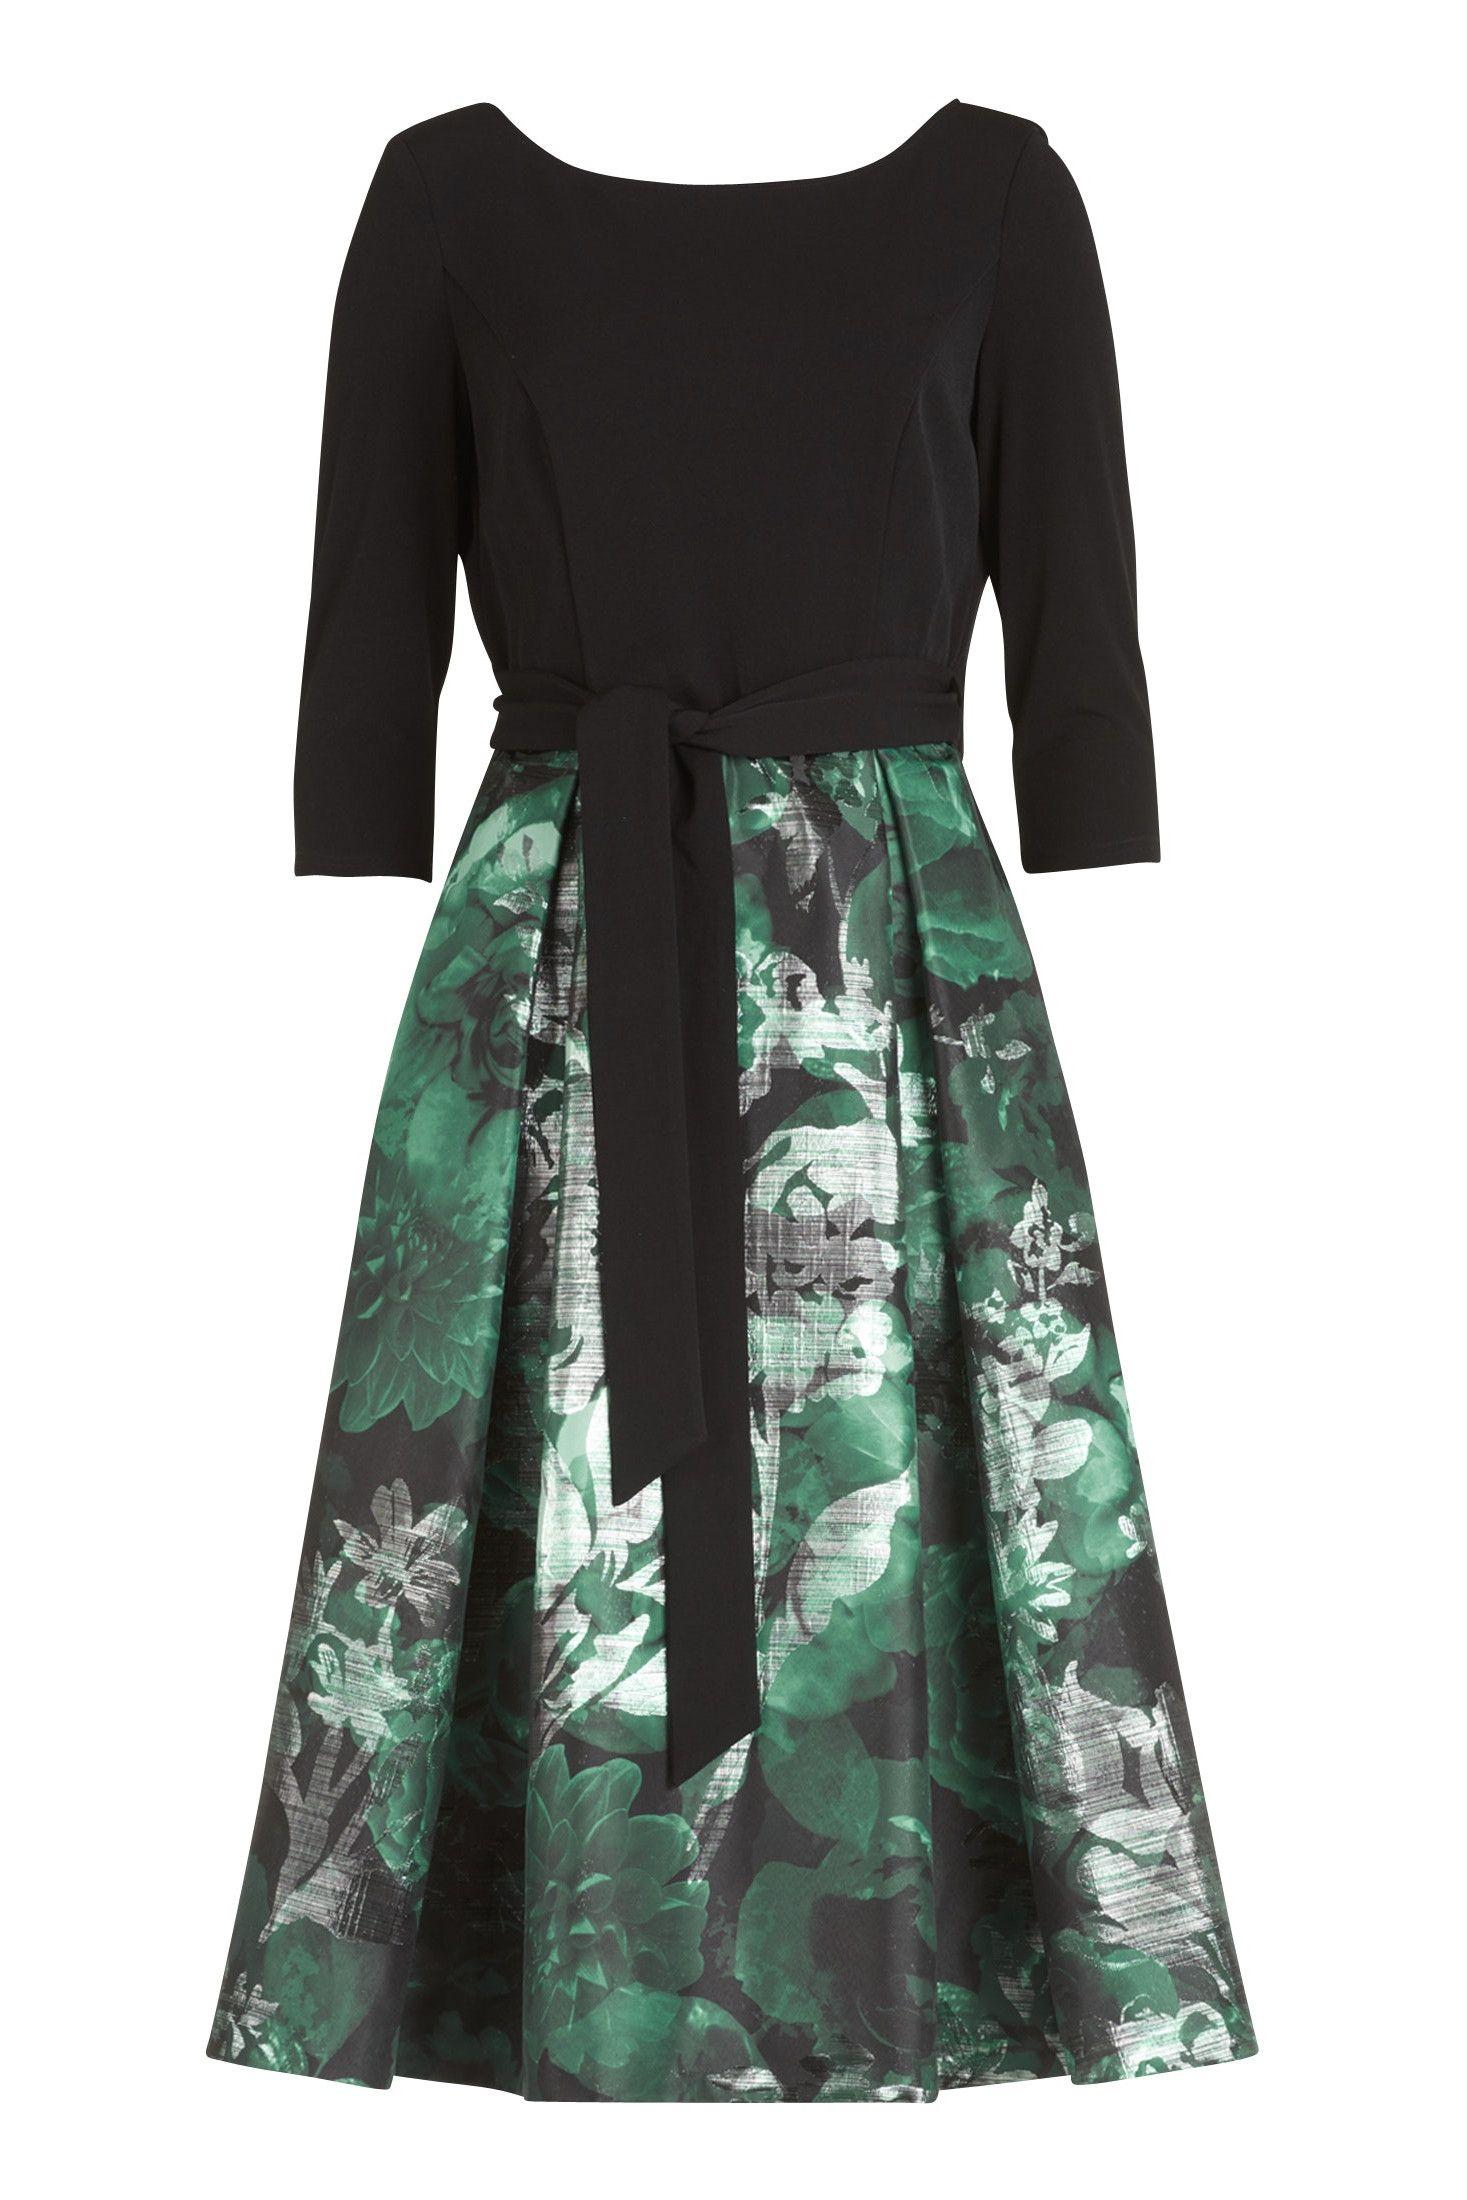 Midi-Kleid mit langen Ärmeln. #abendkleid #abendkleider